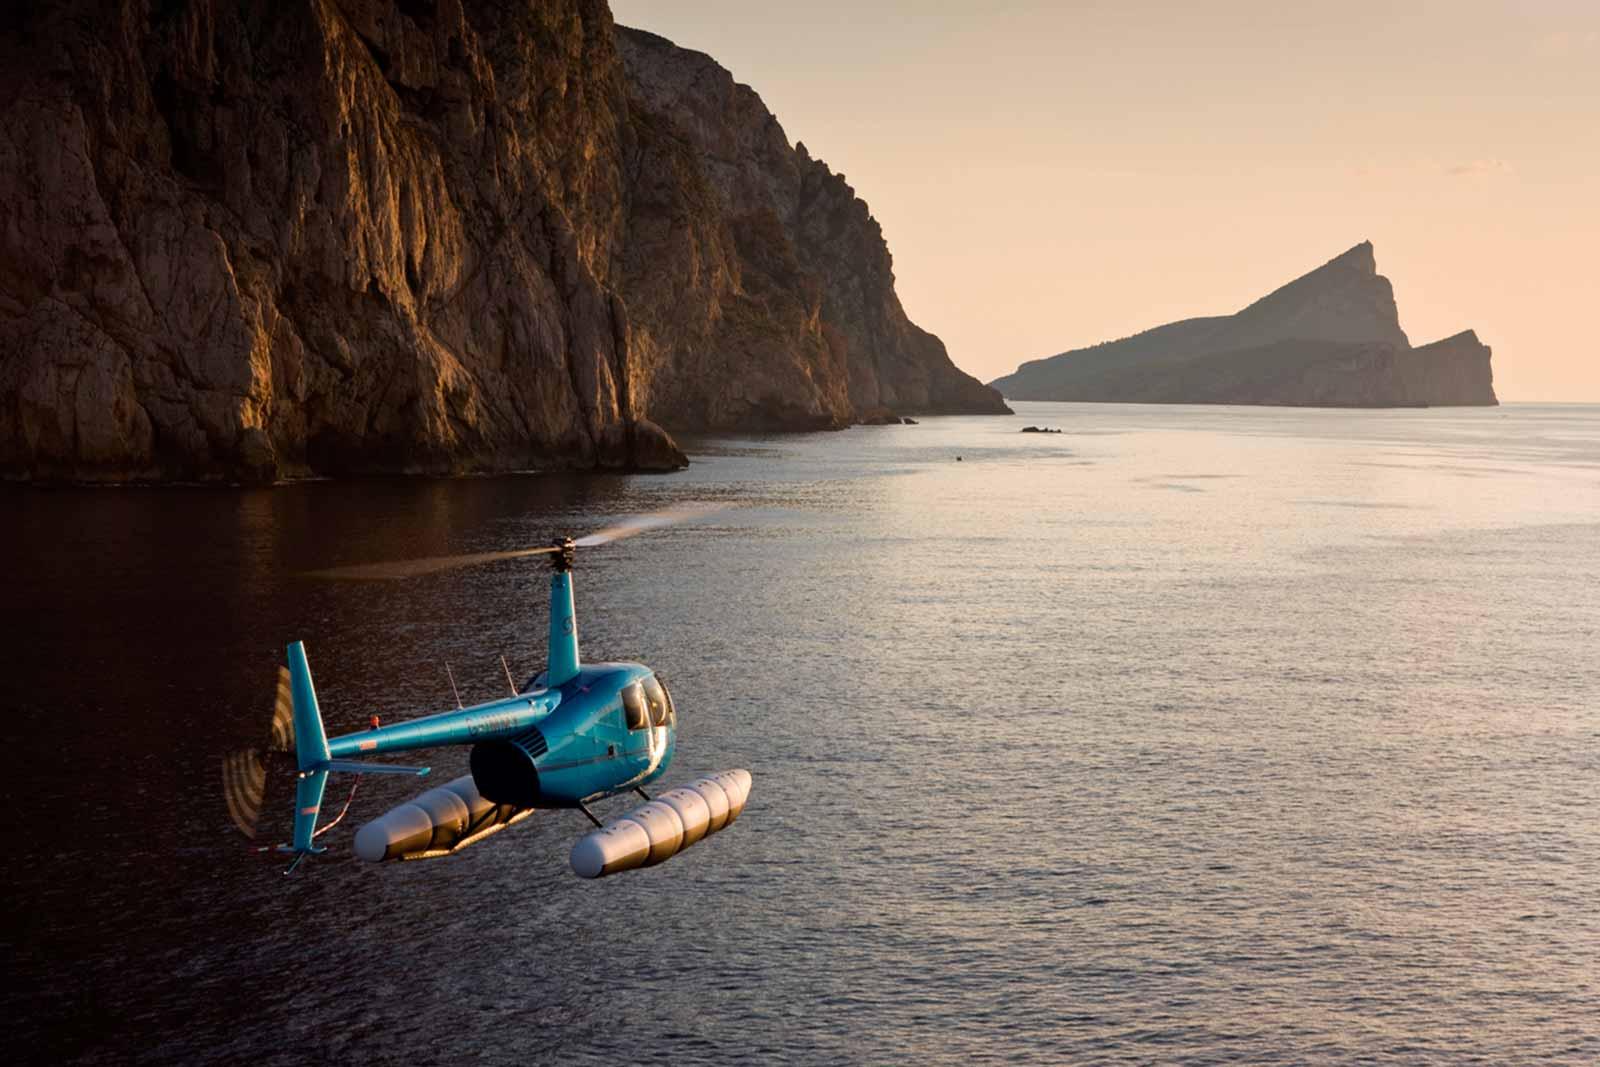 Helikopter-Mallorca-Helikopter-Rundflug-Mallorca-2